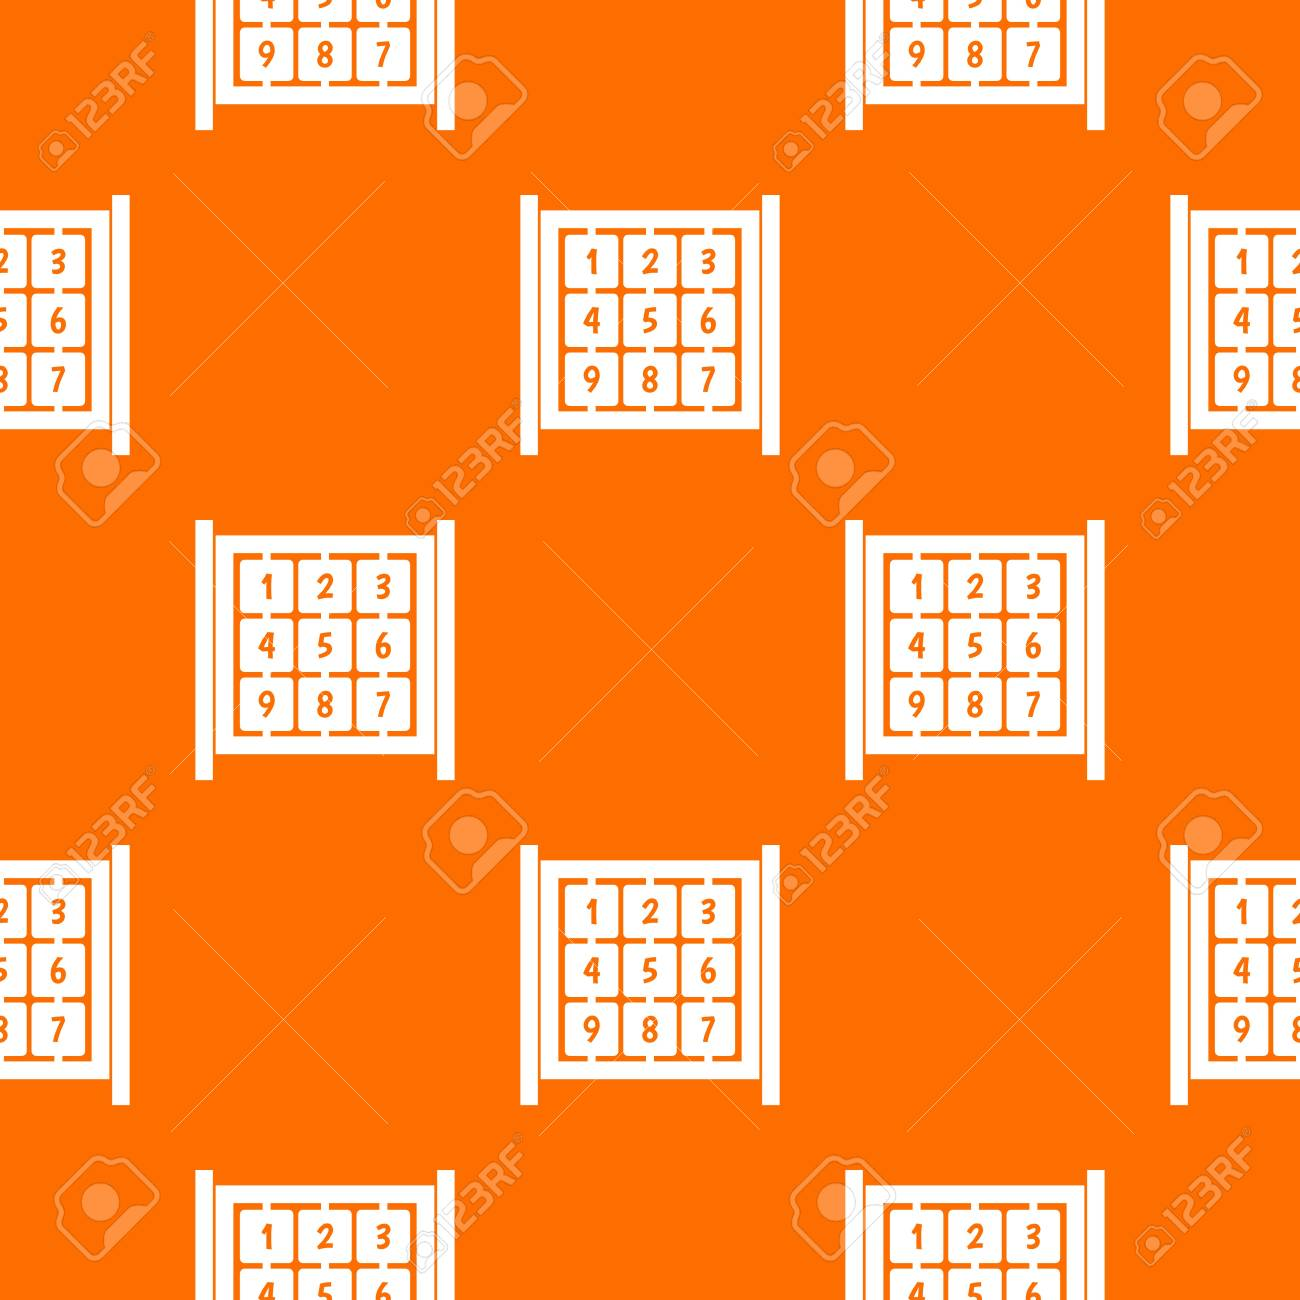 Cubi Con Numeri Sul Modello Di Parco Giochi Senza Soluzione Di